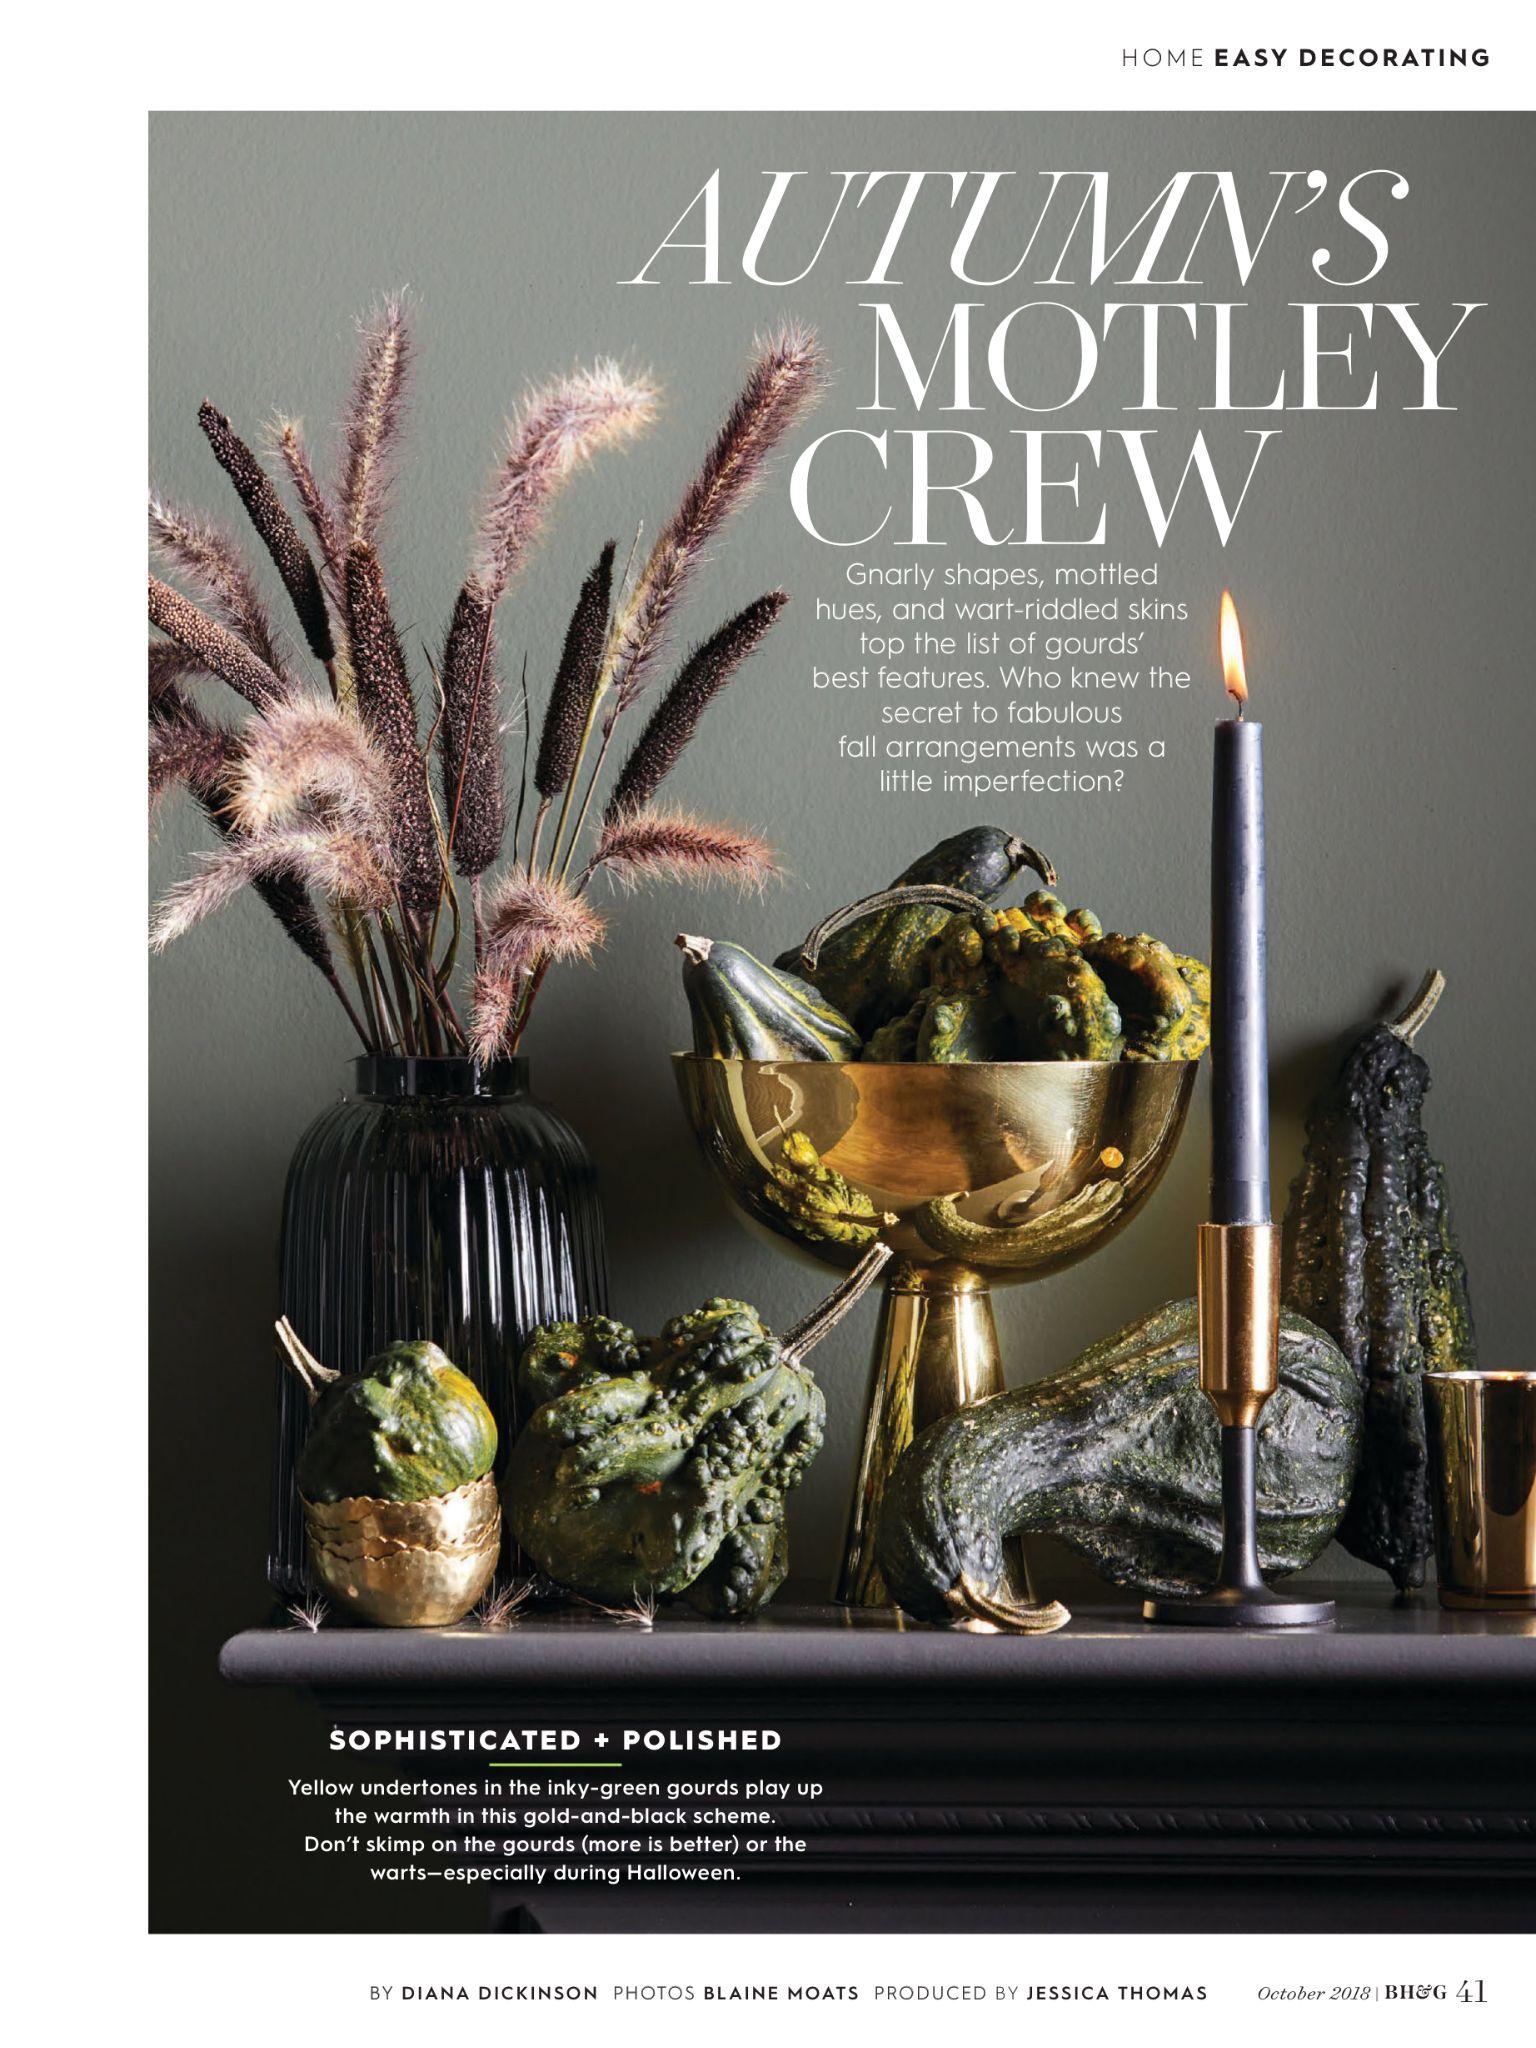 d10641a8958d81de984315b3fda3074e - Better Homes And Gardens Fall Decorating Magazine